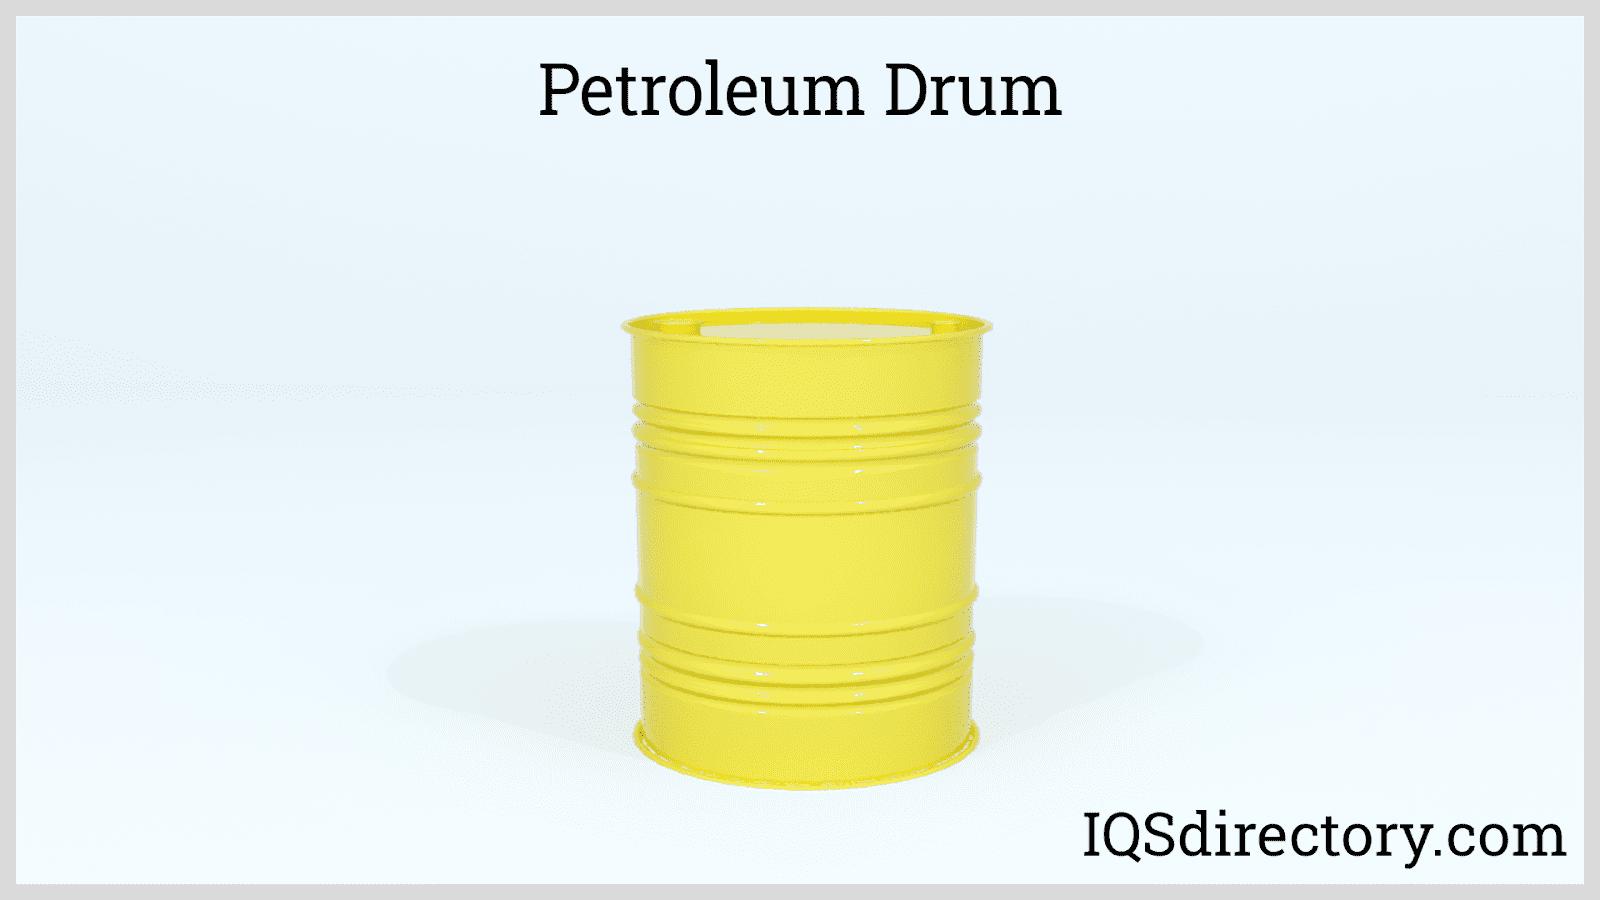 Petroleum Drum